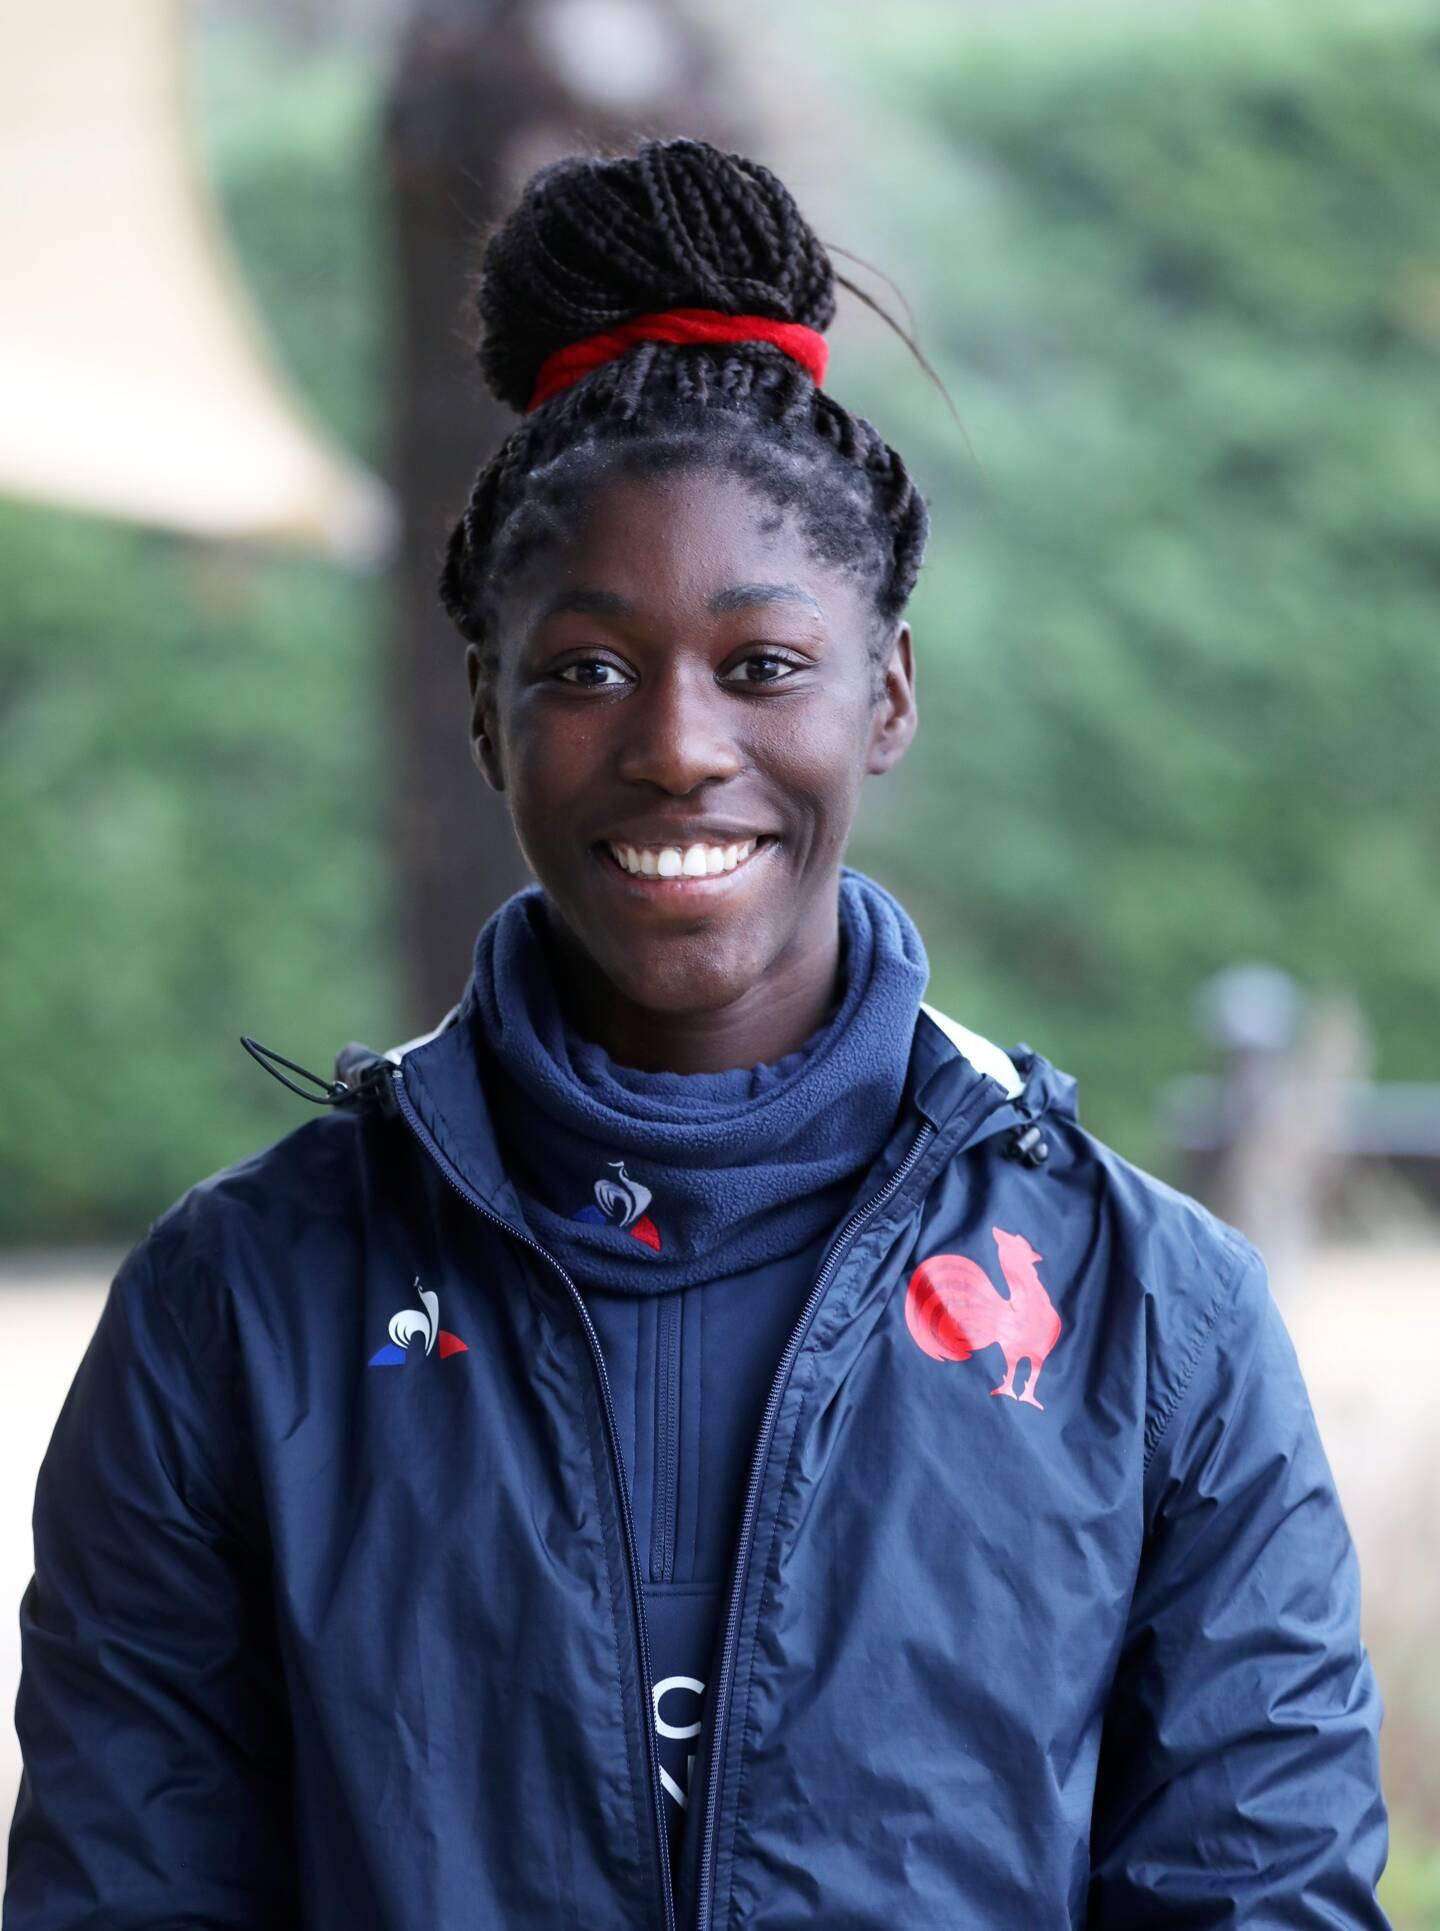 """Nassira Kondé : """"On est un groupe assez jeune, il y a des étapes à franchir. On apprend à se connaître, et je pense que d'ici à 2024, il y a de quoi faire une équipe vraiment pas mal."""""""